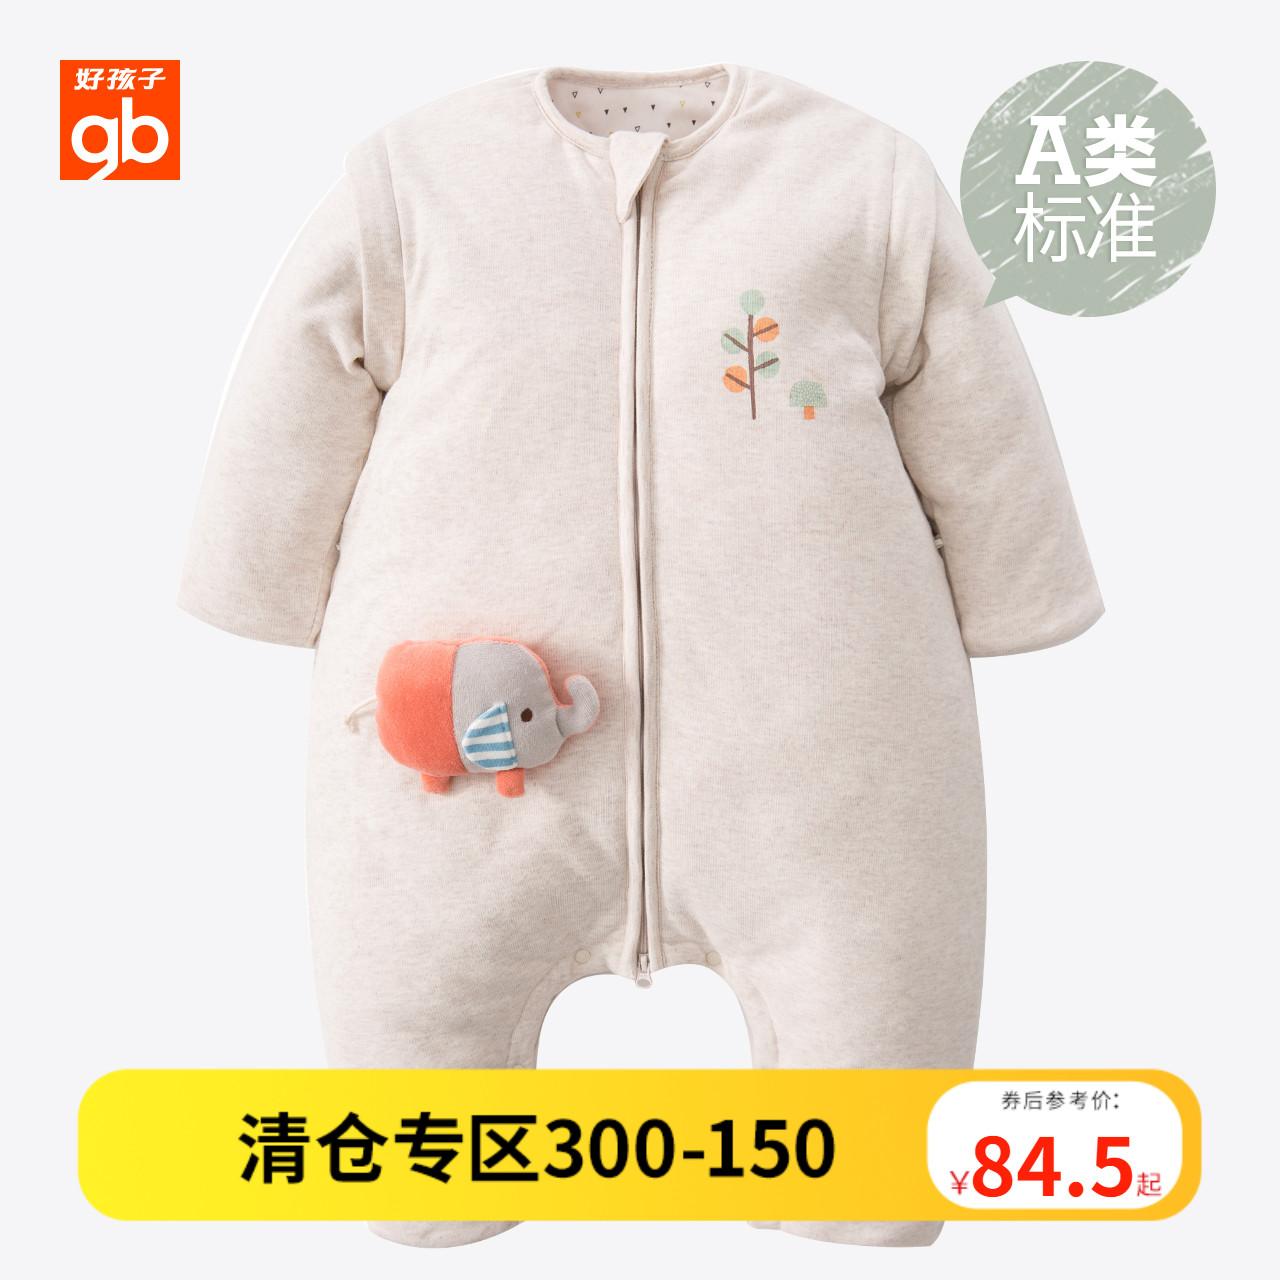 好孩子新款婴儿睡袋款男女宝宝分腿睡袋新生儿睡袋防踢被